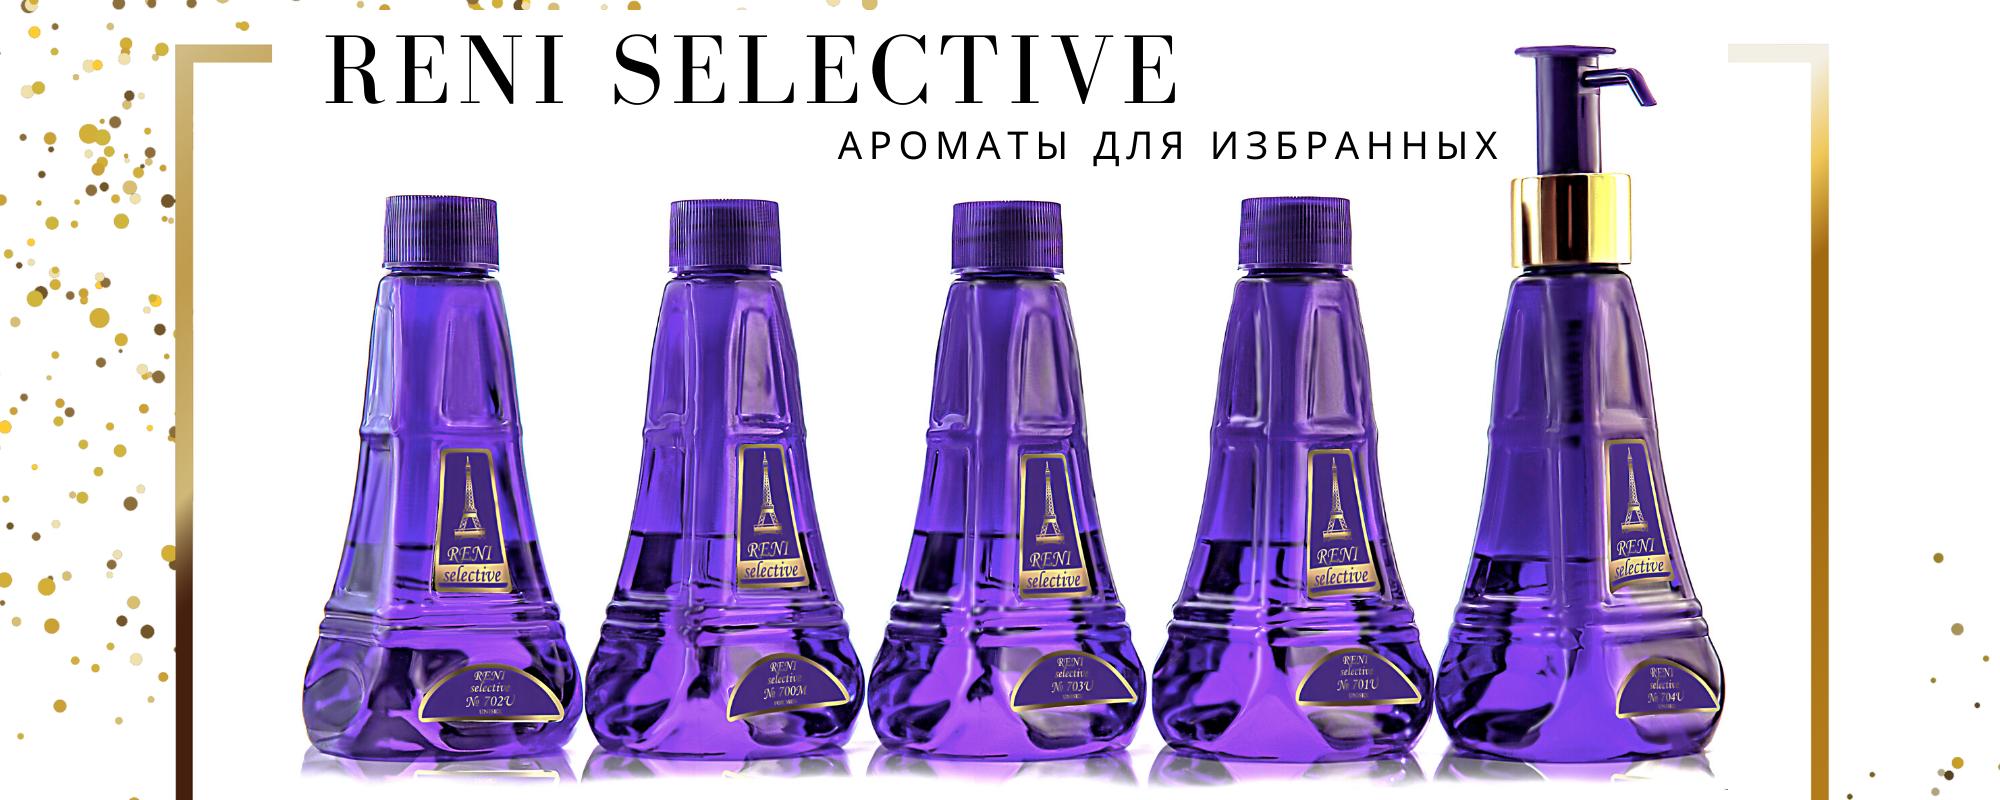 Ароматы RENI Selective: описание коллекции